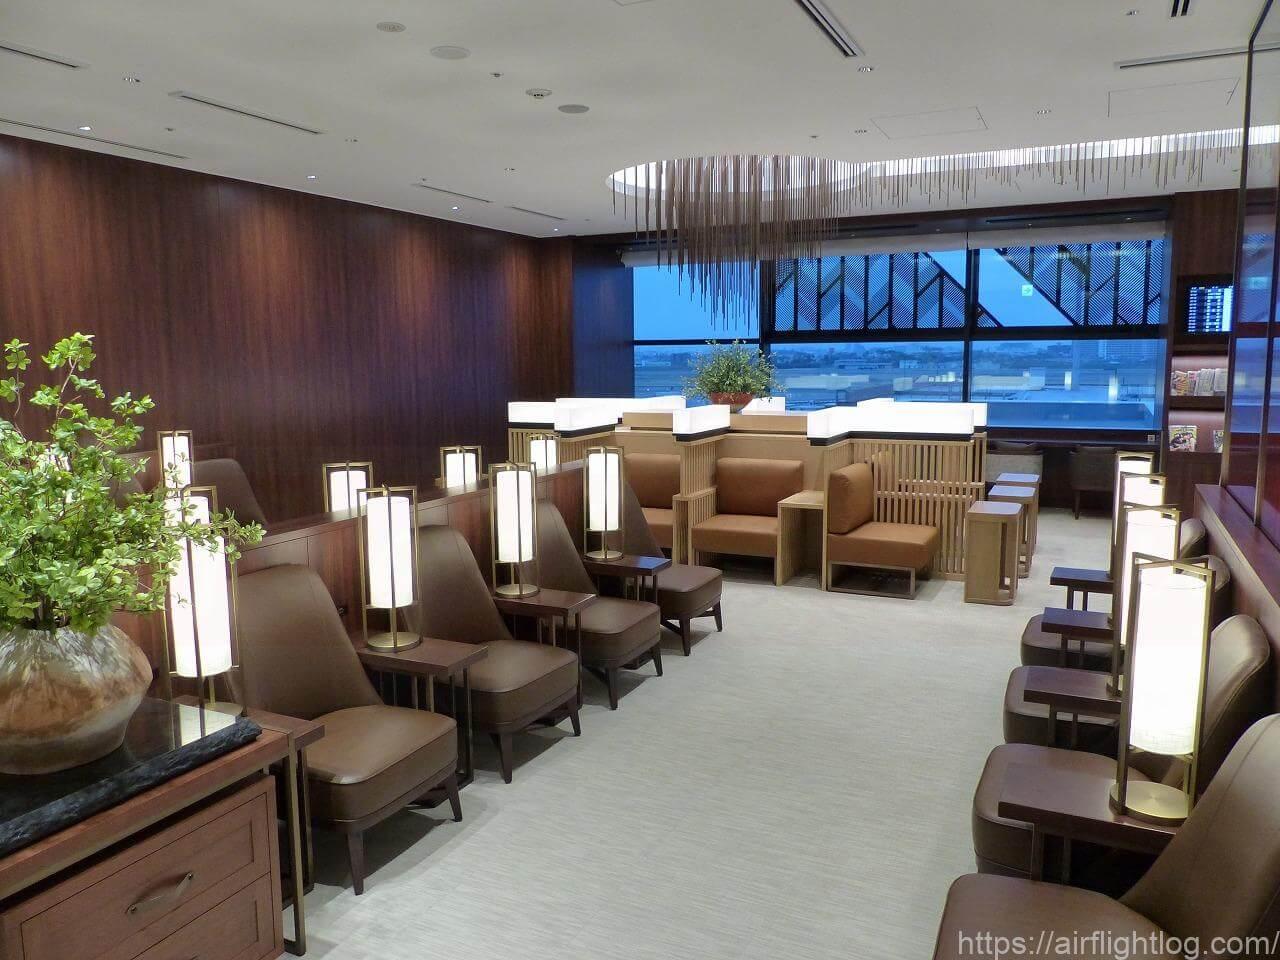 伊丹空港ダイヤモンド・プレミアラウンジソファー